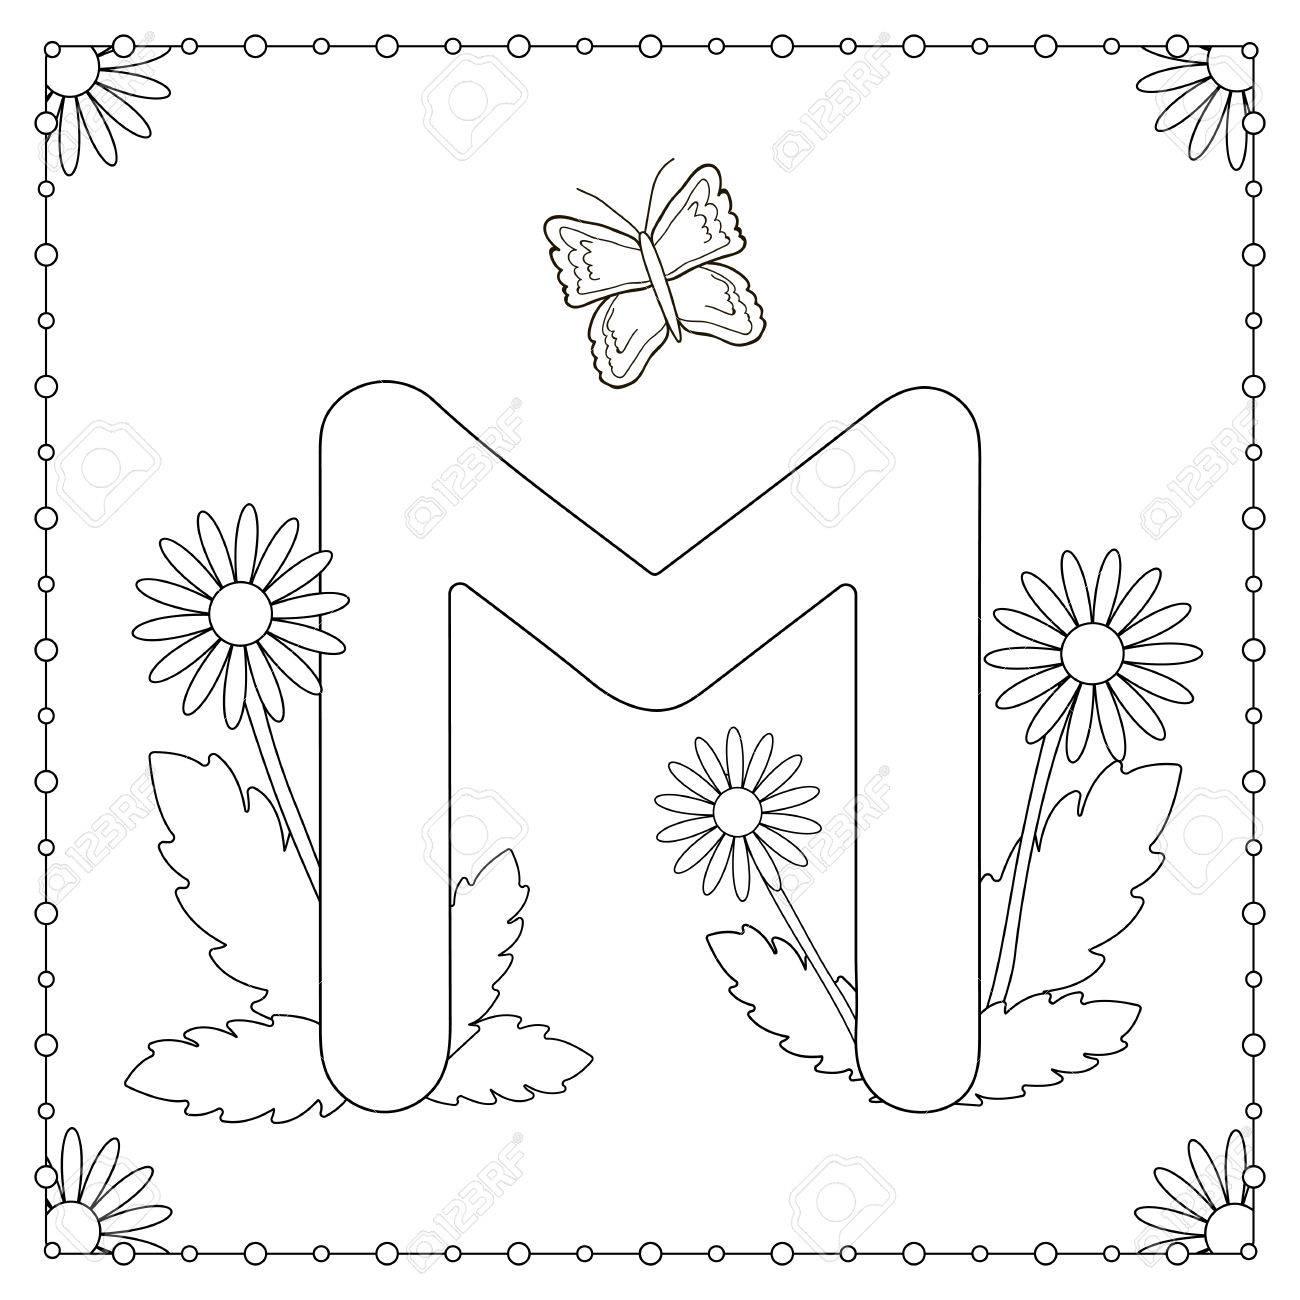 Malvorlagen Zum Thema Alphabet Grossbuchstabe M Mit Blumen Blattern Und Schmetterling Vektor Illustration Lizenzfrei Nutzbare Vektorgrafiken Clip Arts Illustrationen Image 83396762